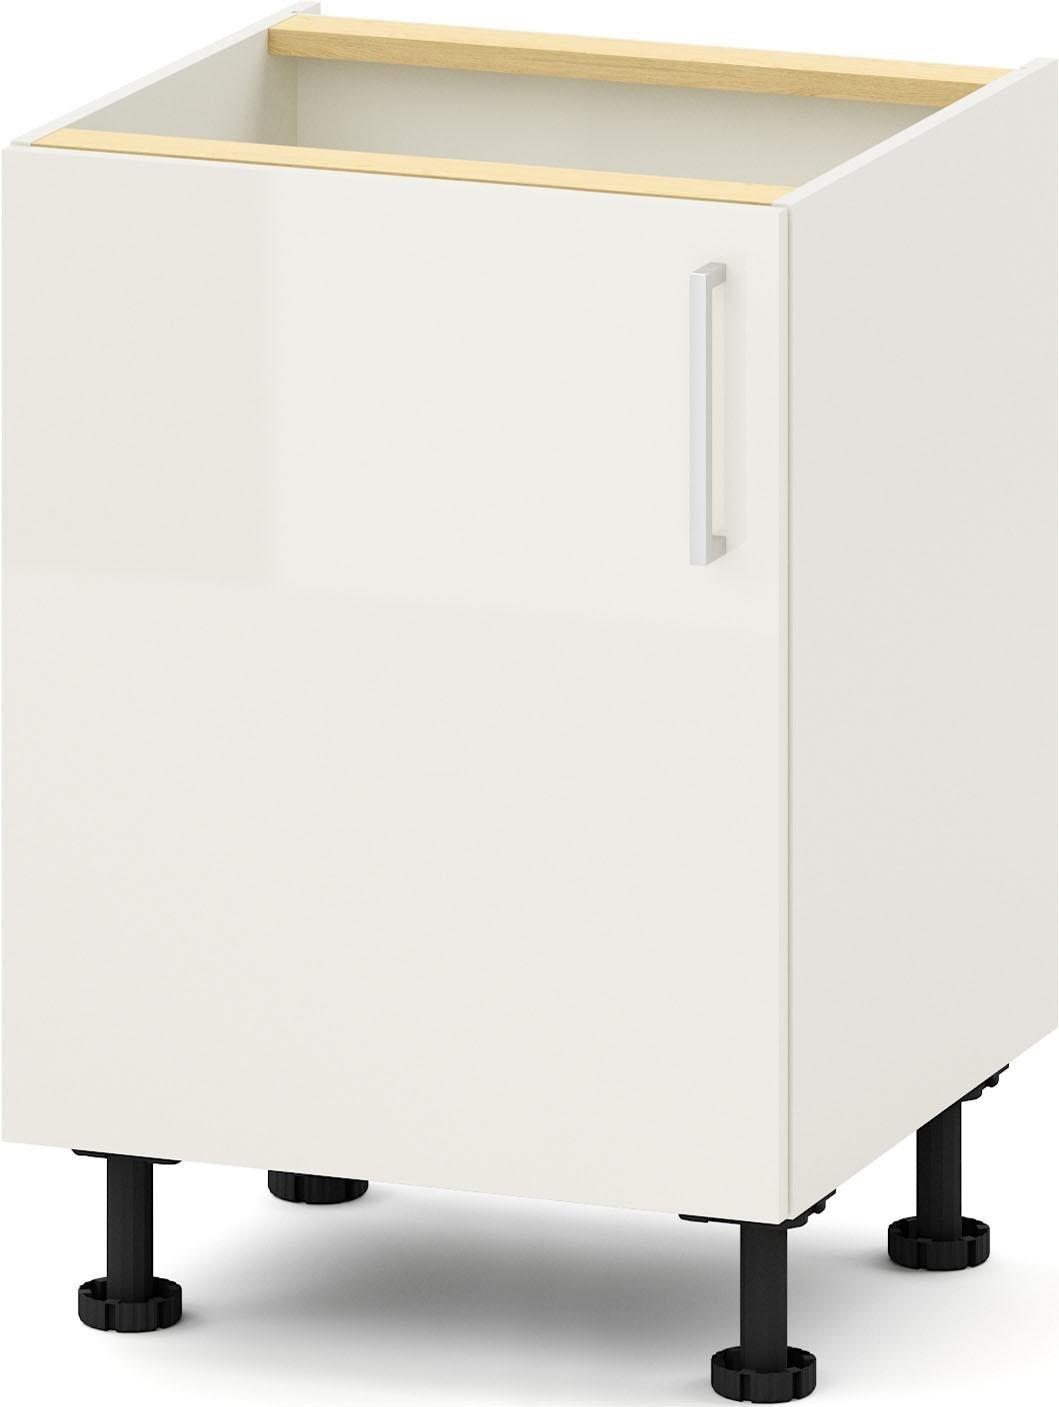 S+ by Störmer Spülenschrank »Melle Basis«, Breite 60 cm | Küche und Esszimmer > Küchenschränke > Spülenschränke | Weiß - Lava - Matt - Glanz | Holzwerkstoff - Mdf - Melamin | S+ by Störmer